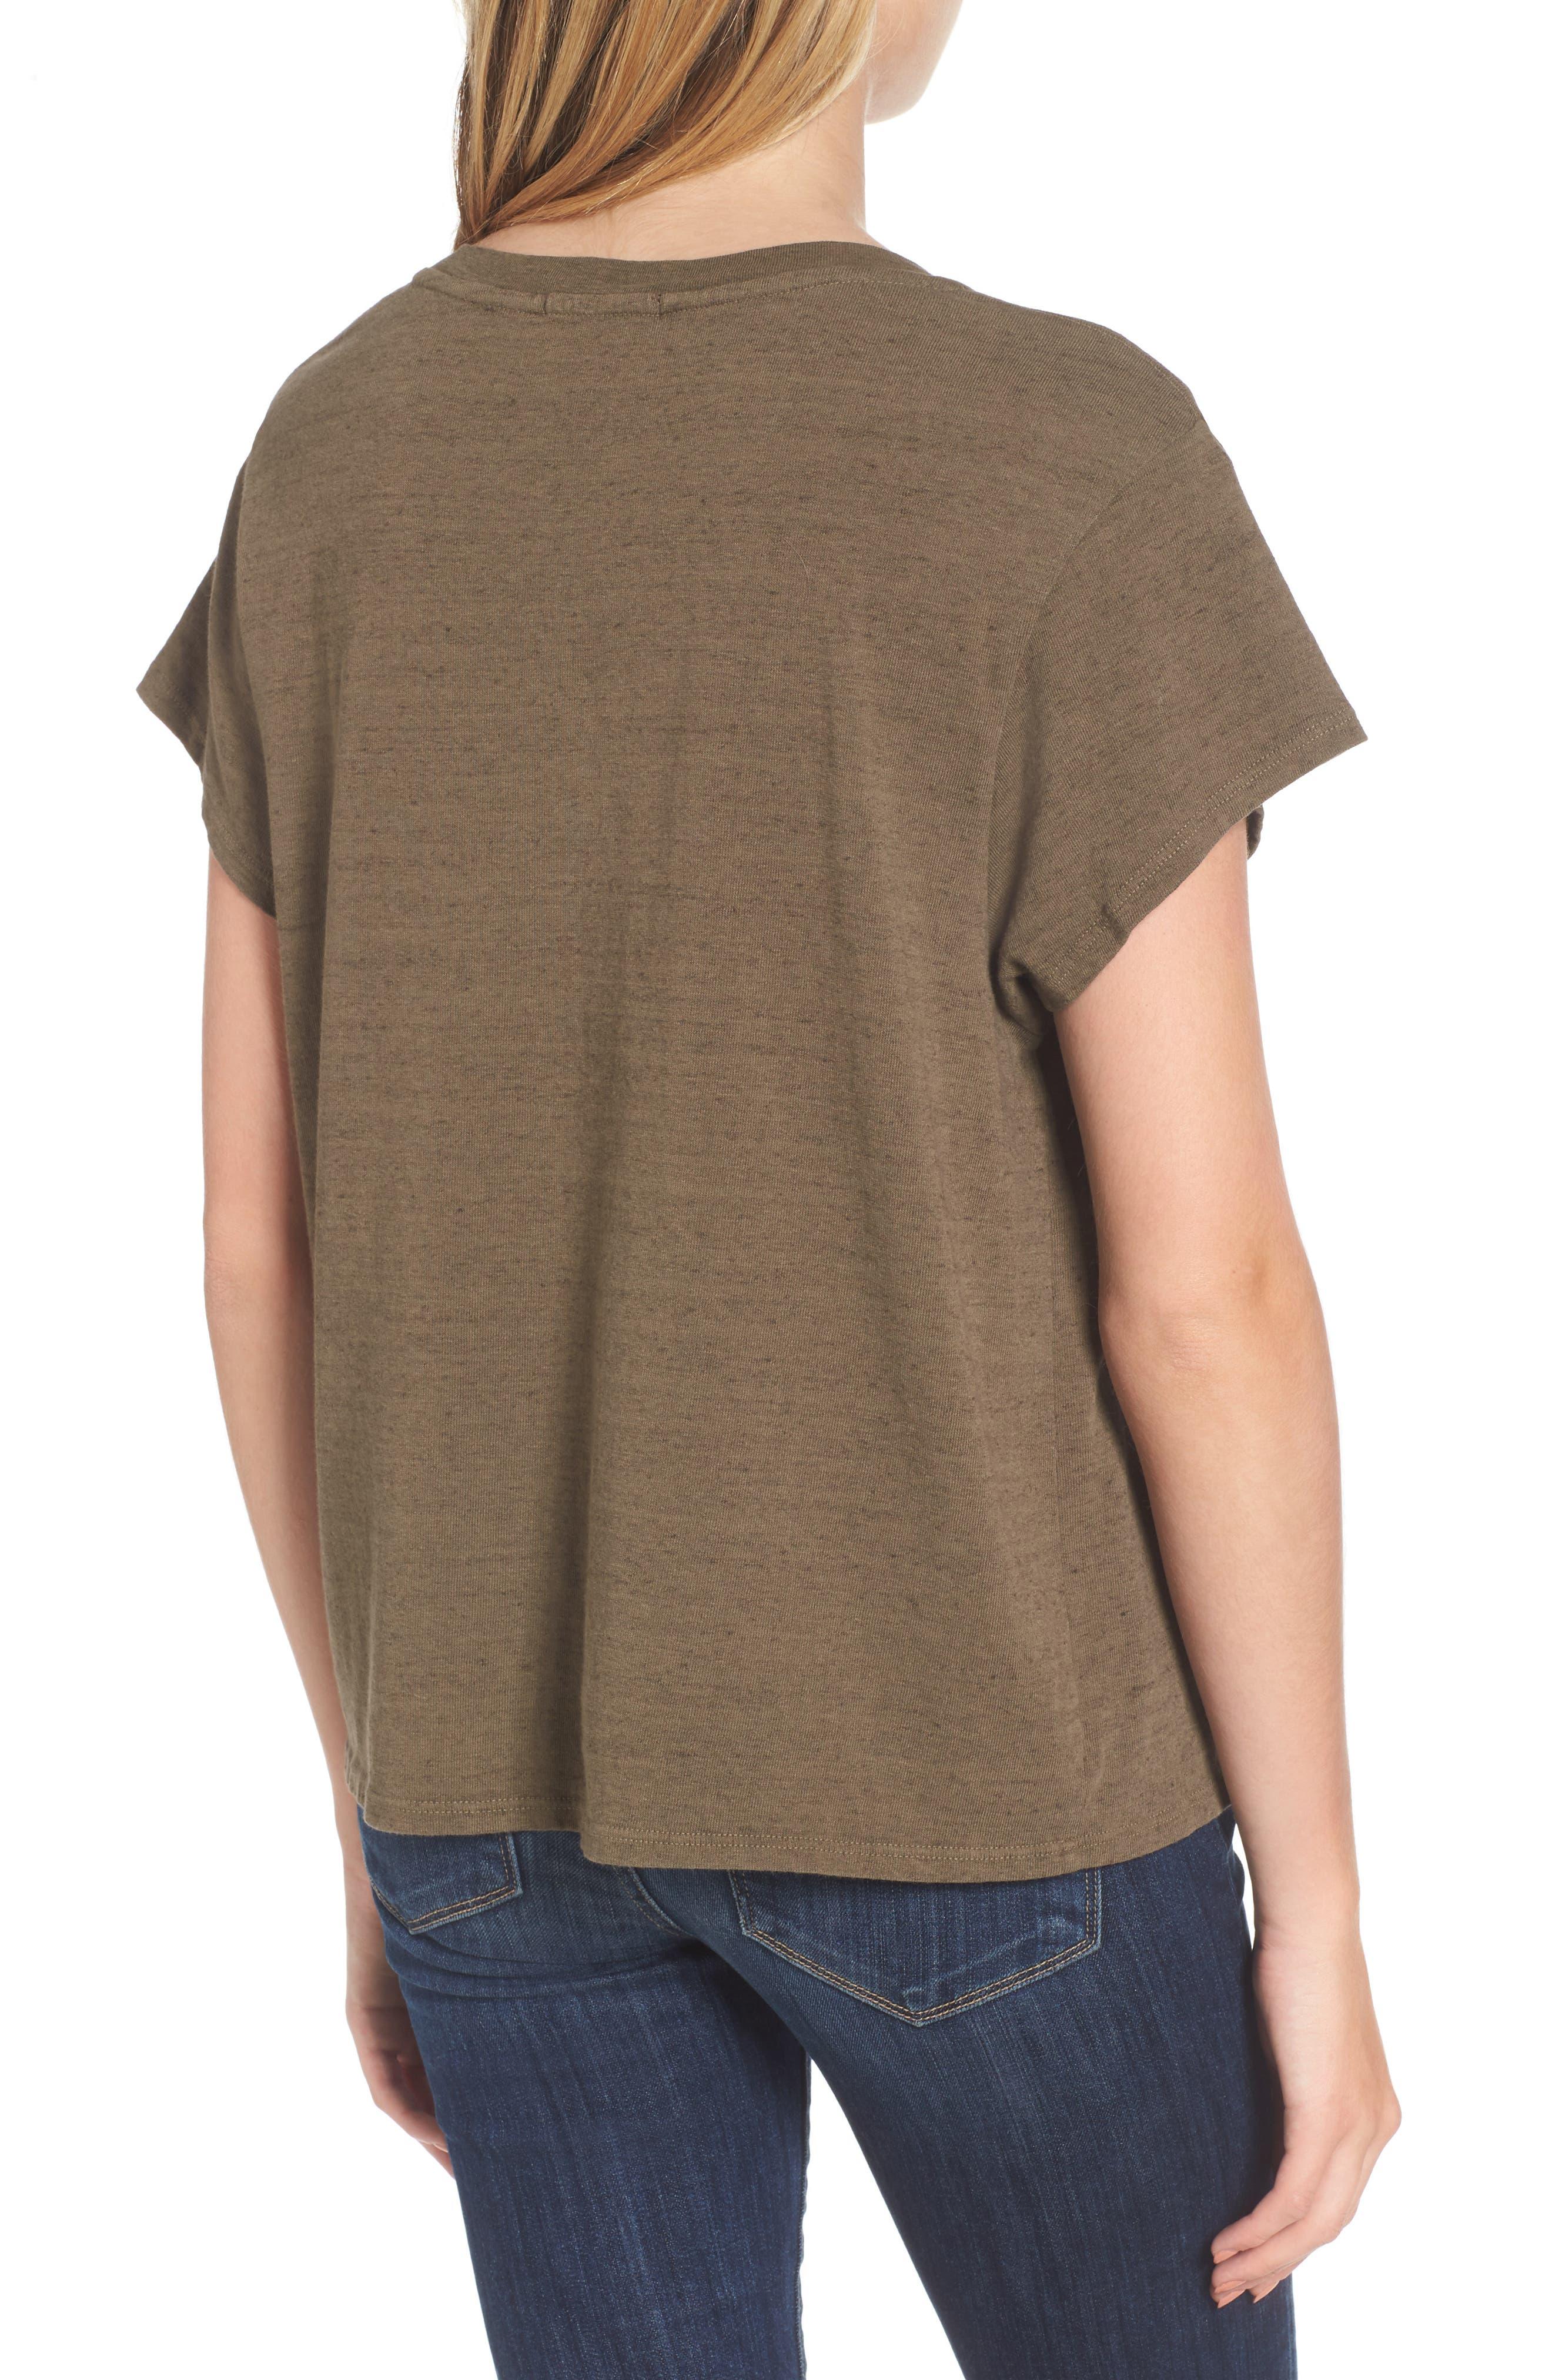 Vintage Sweatshirt Tee,                             Alternate thumbnail 2, color,                             305